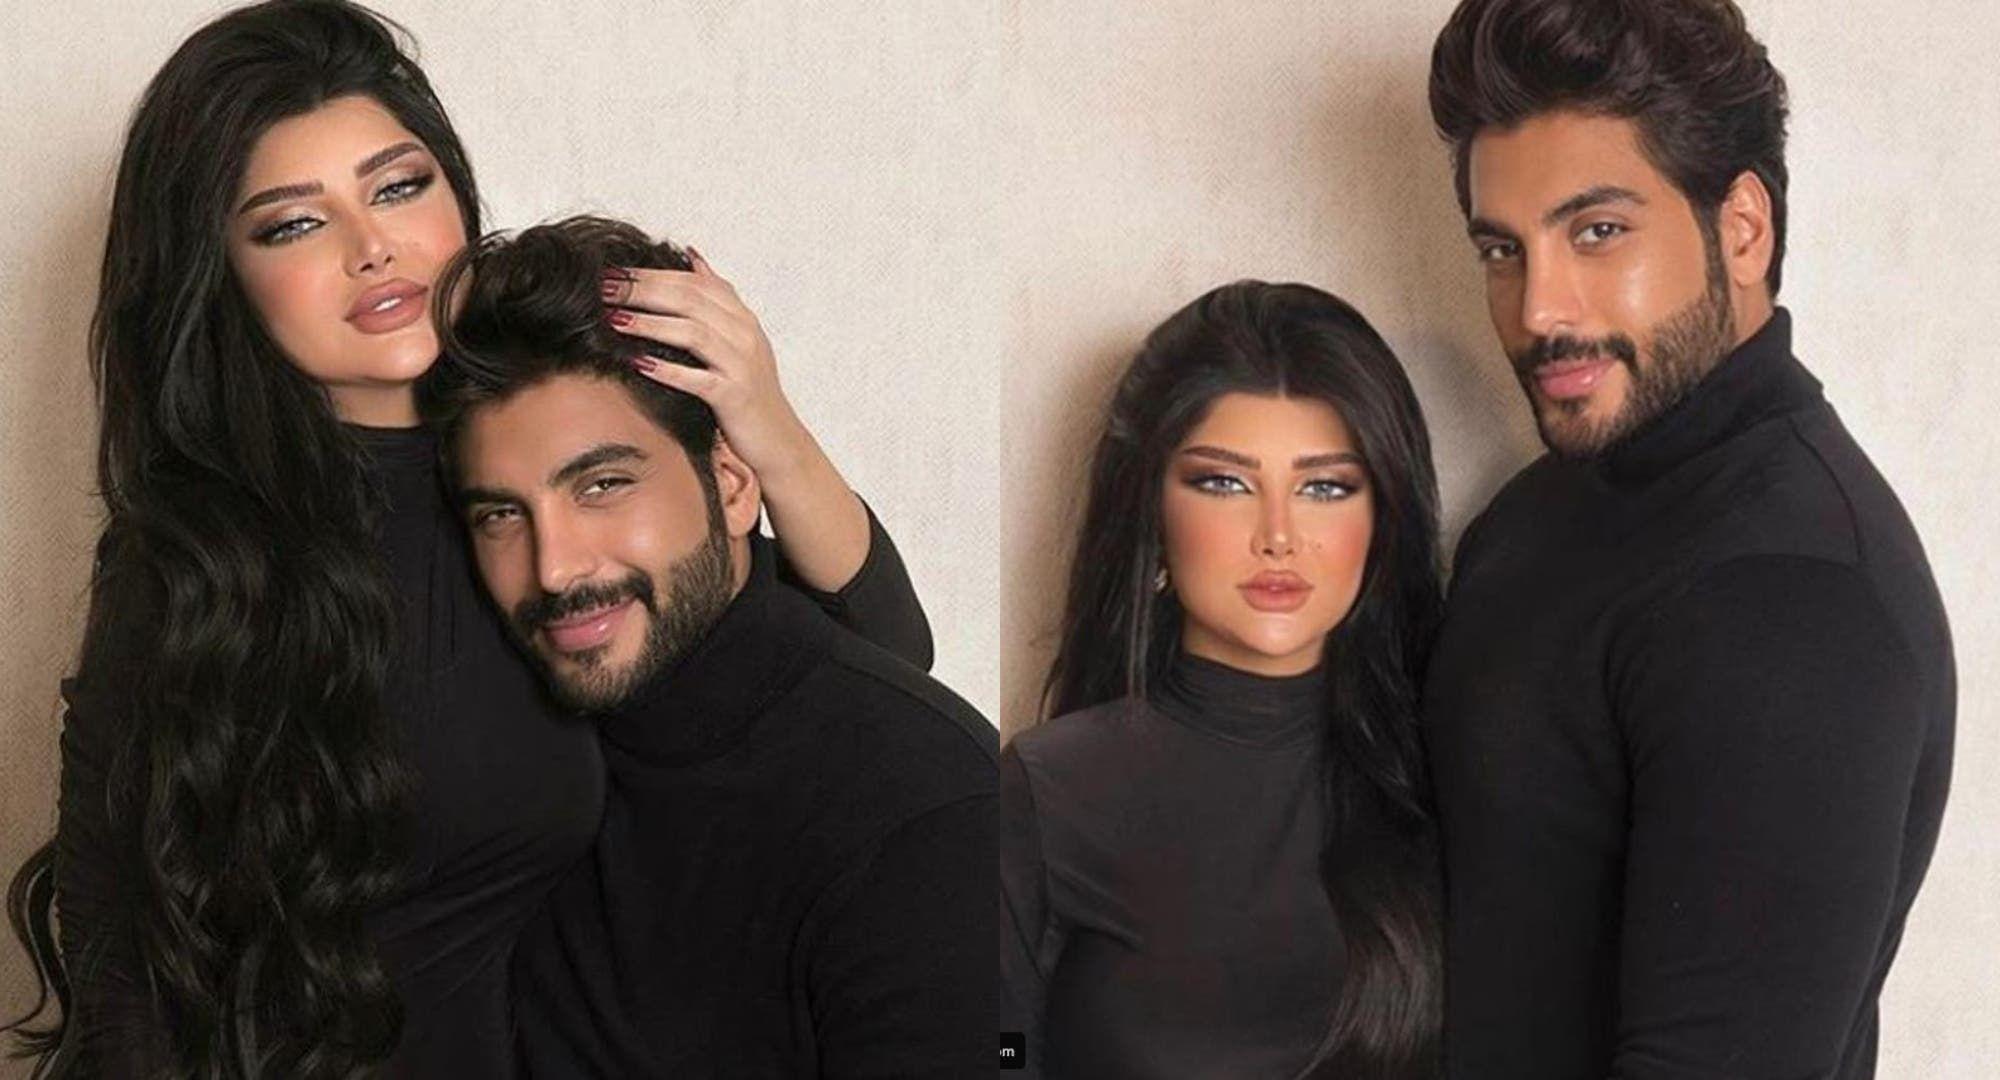 ملكة كابلي تعيش الانفصال مجددا مع زوجها أحمد سالم وتتخلى عن العباءة والحجاب فيديو Fashion Hijab